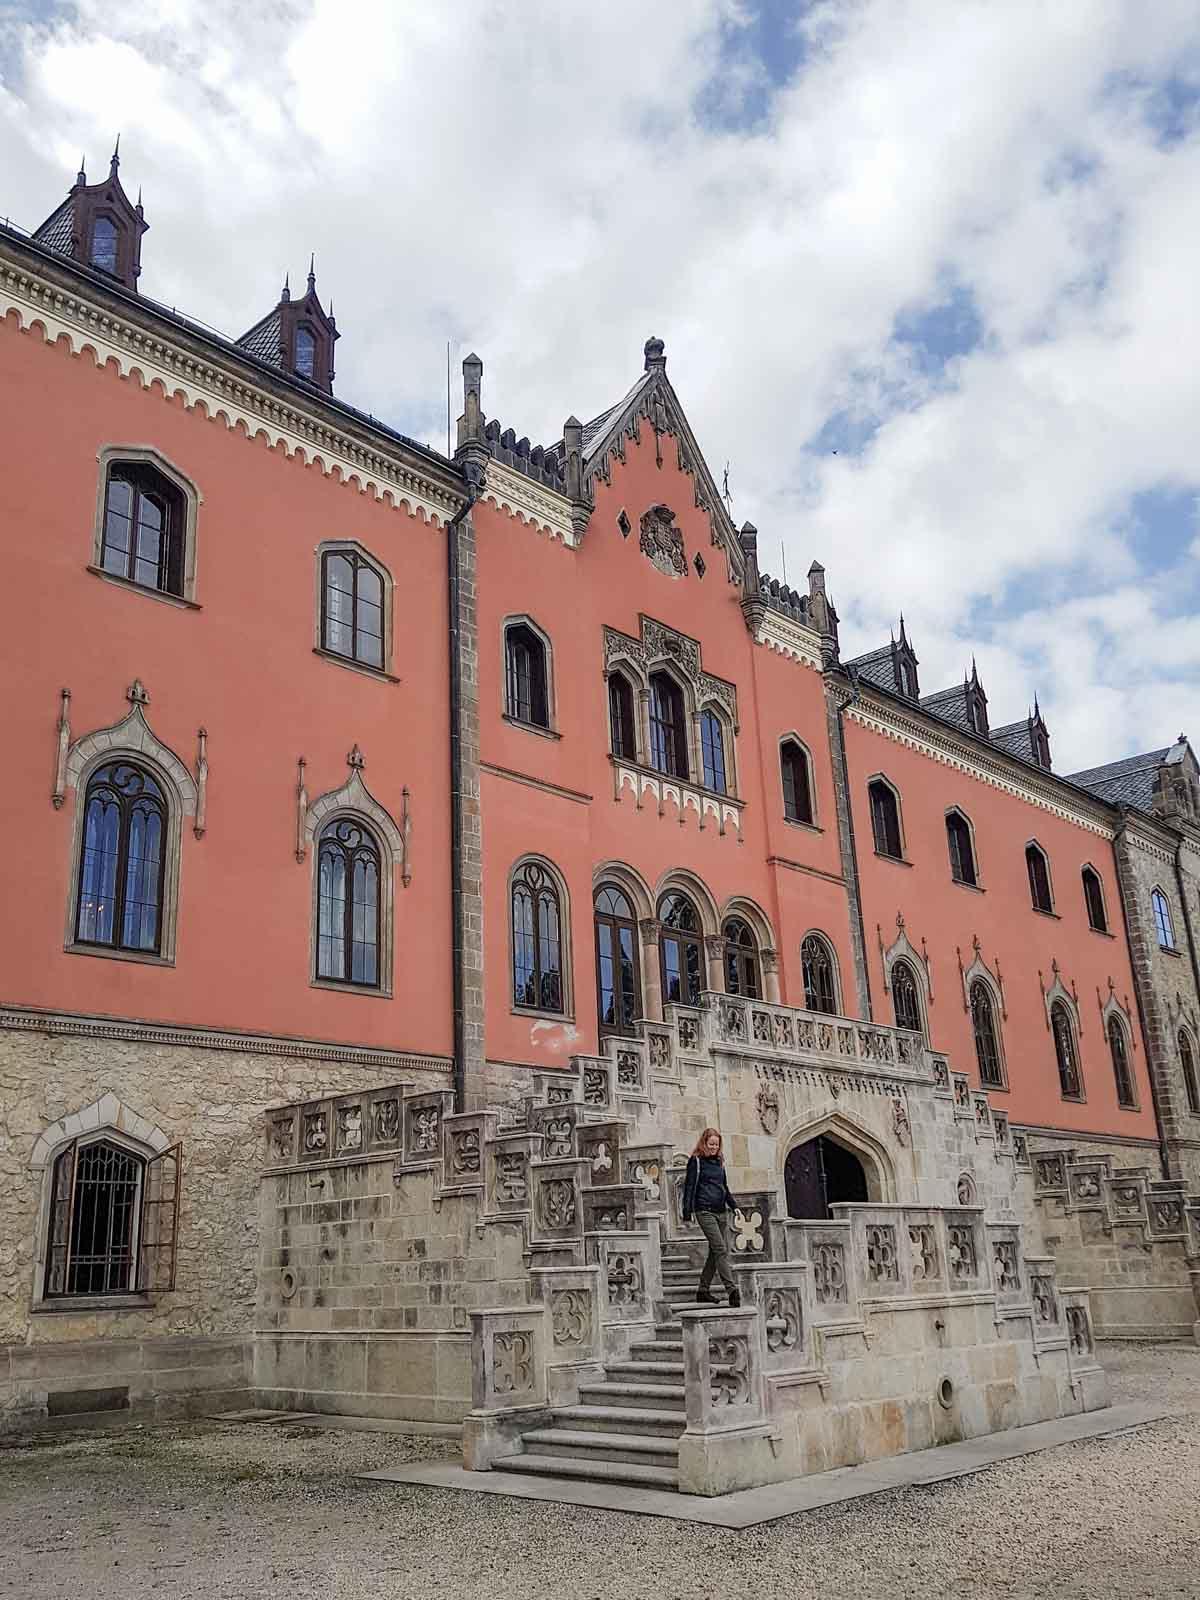 Vakantietips voor de regio Liberec (Noord-Bohemen), kasteel Sychrov - Map of Joy